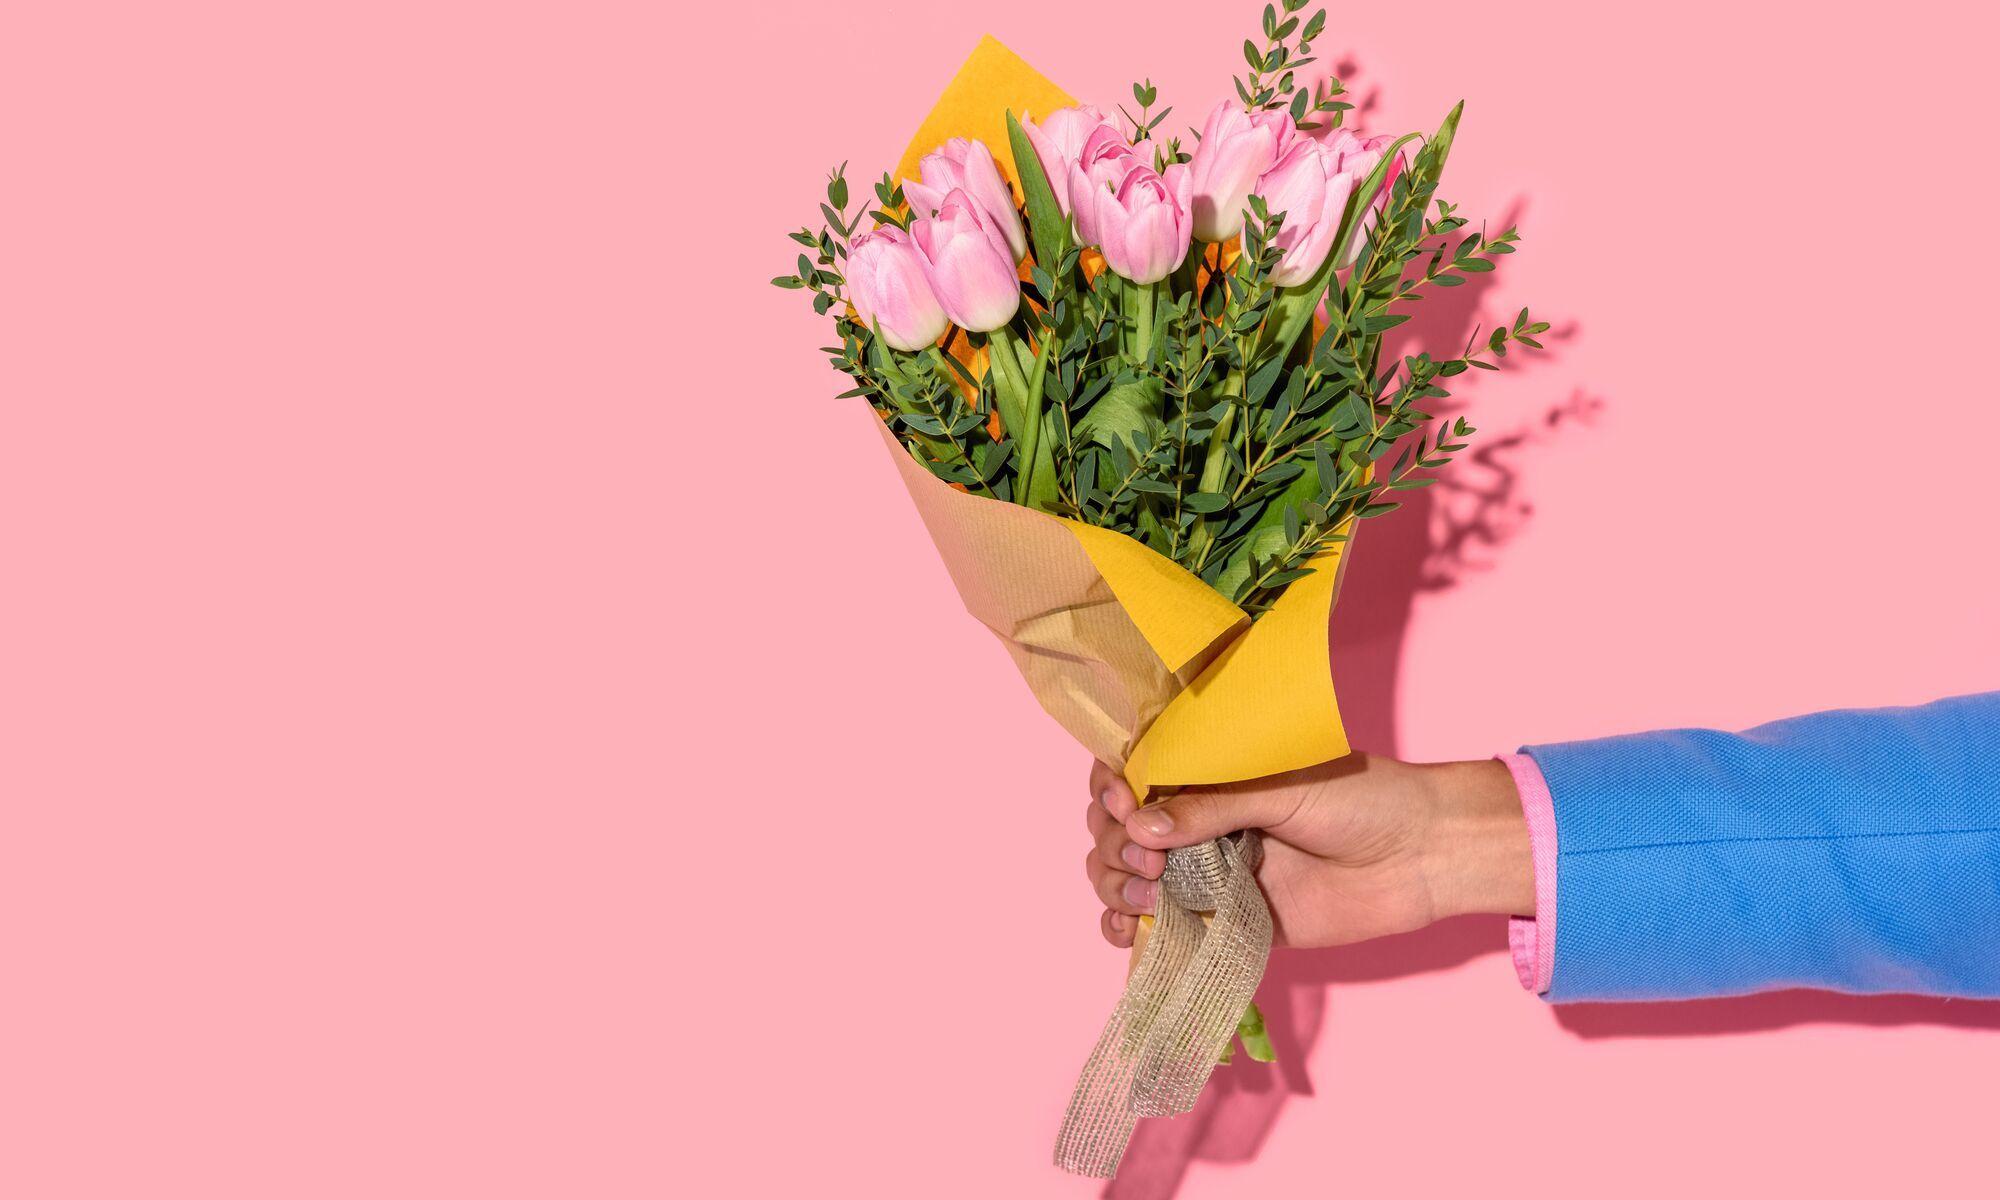 Доставка цветов корпоративное 8 марта поздравления, купить живые цветы